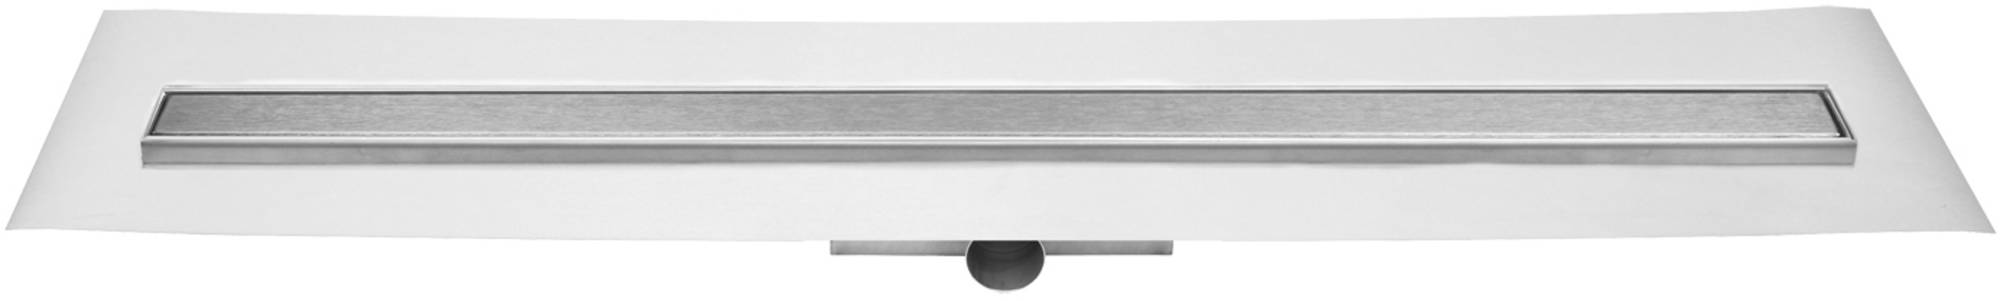 Easy Drain Compact FF Zero afvoergoot 90 x 6 cm. zijaansluiting Rvs